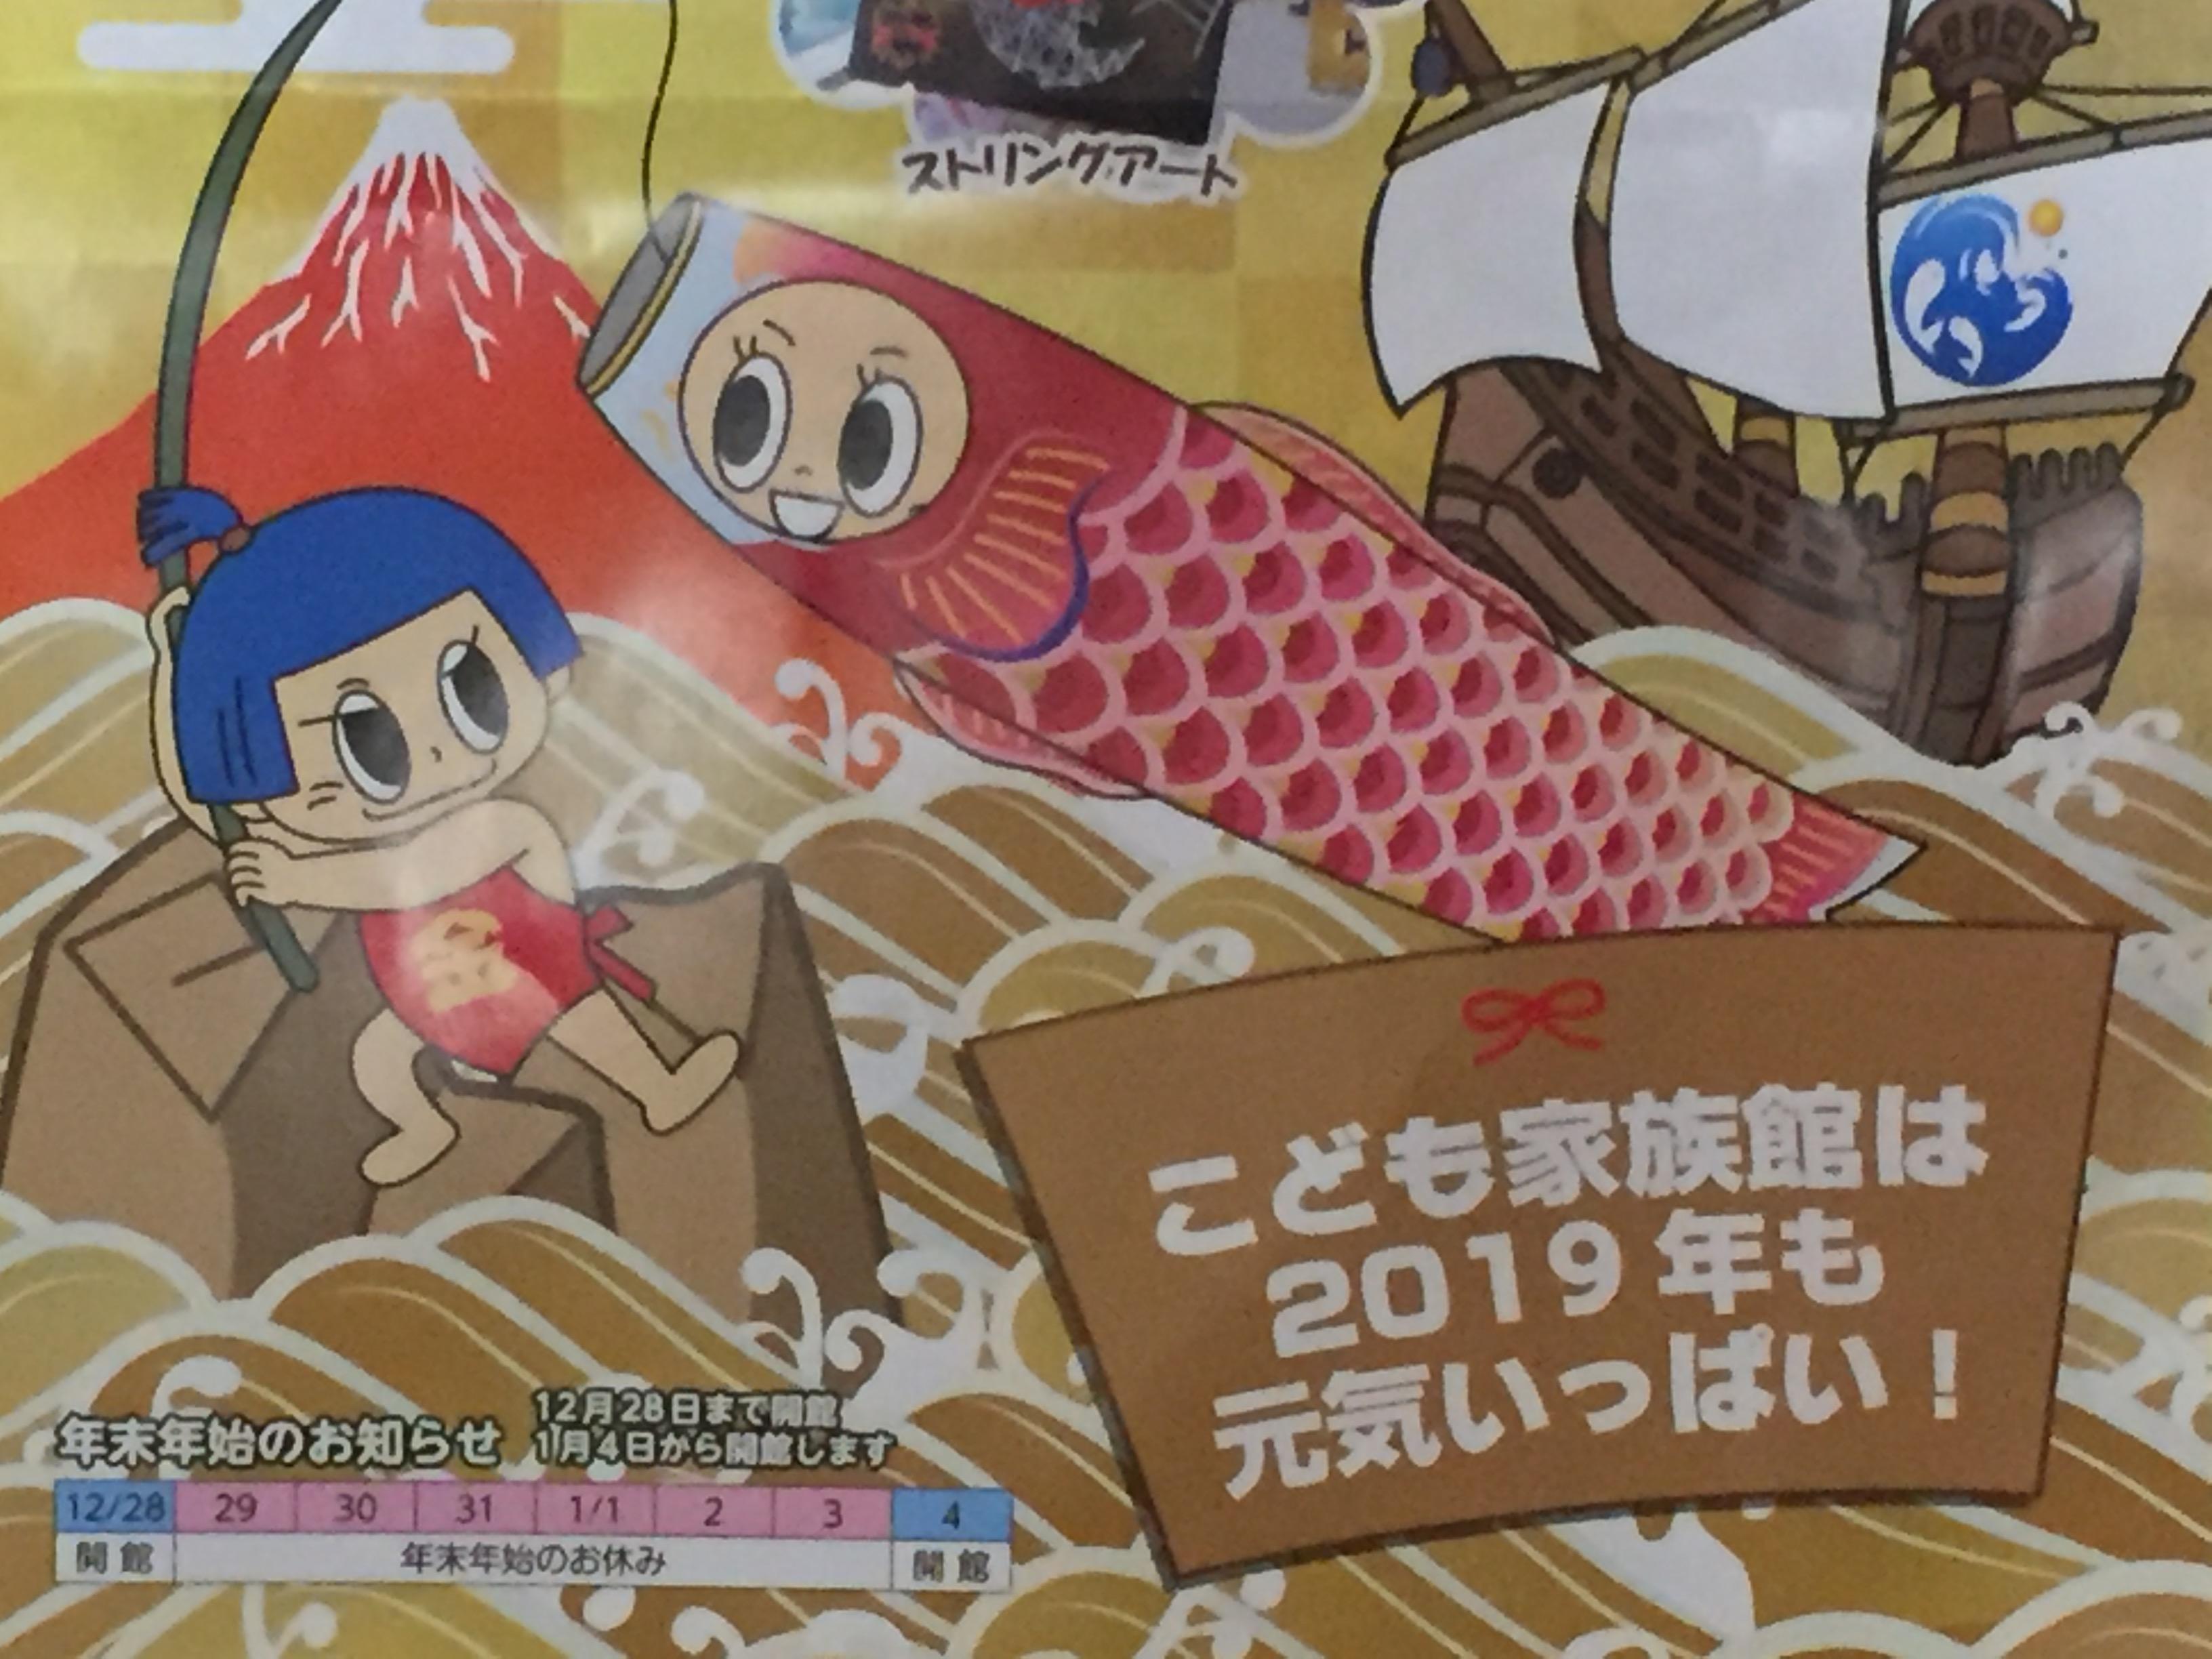 2019 福井県こども家族館(1,2,3月)工房イベント